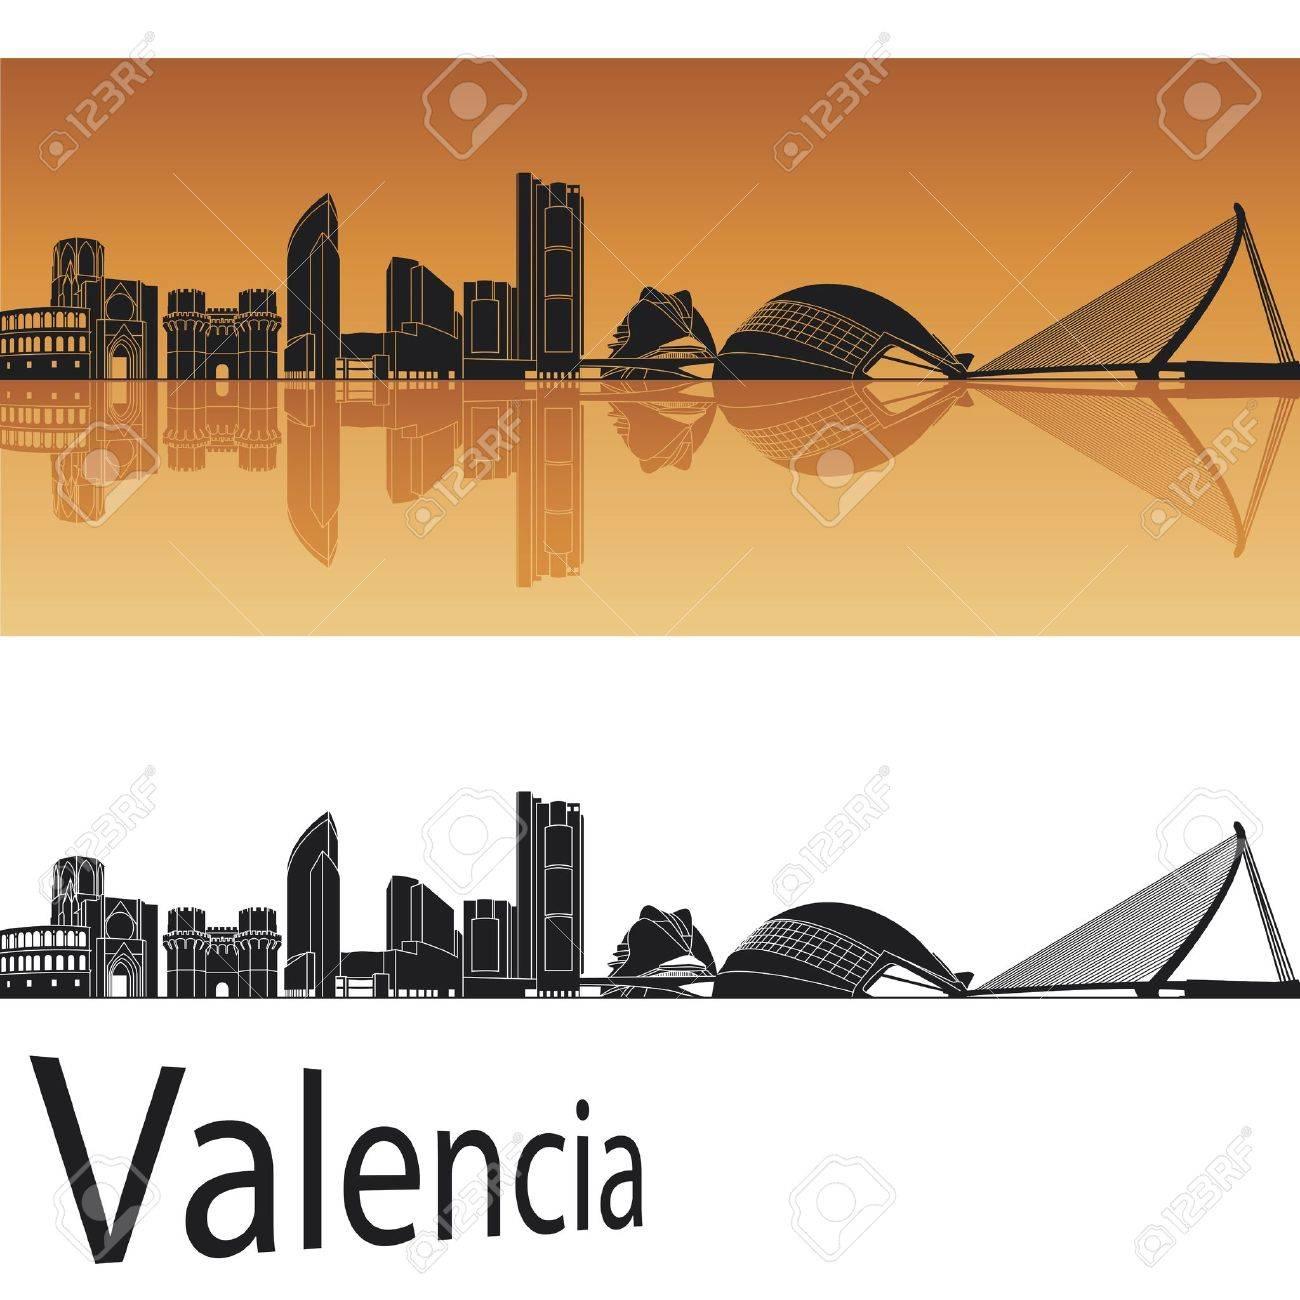 Valencia skyline in orange background in editable file Stock Vector - 13990645